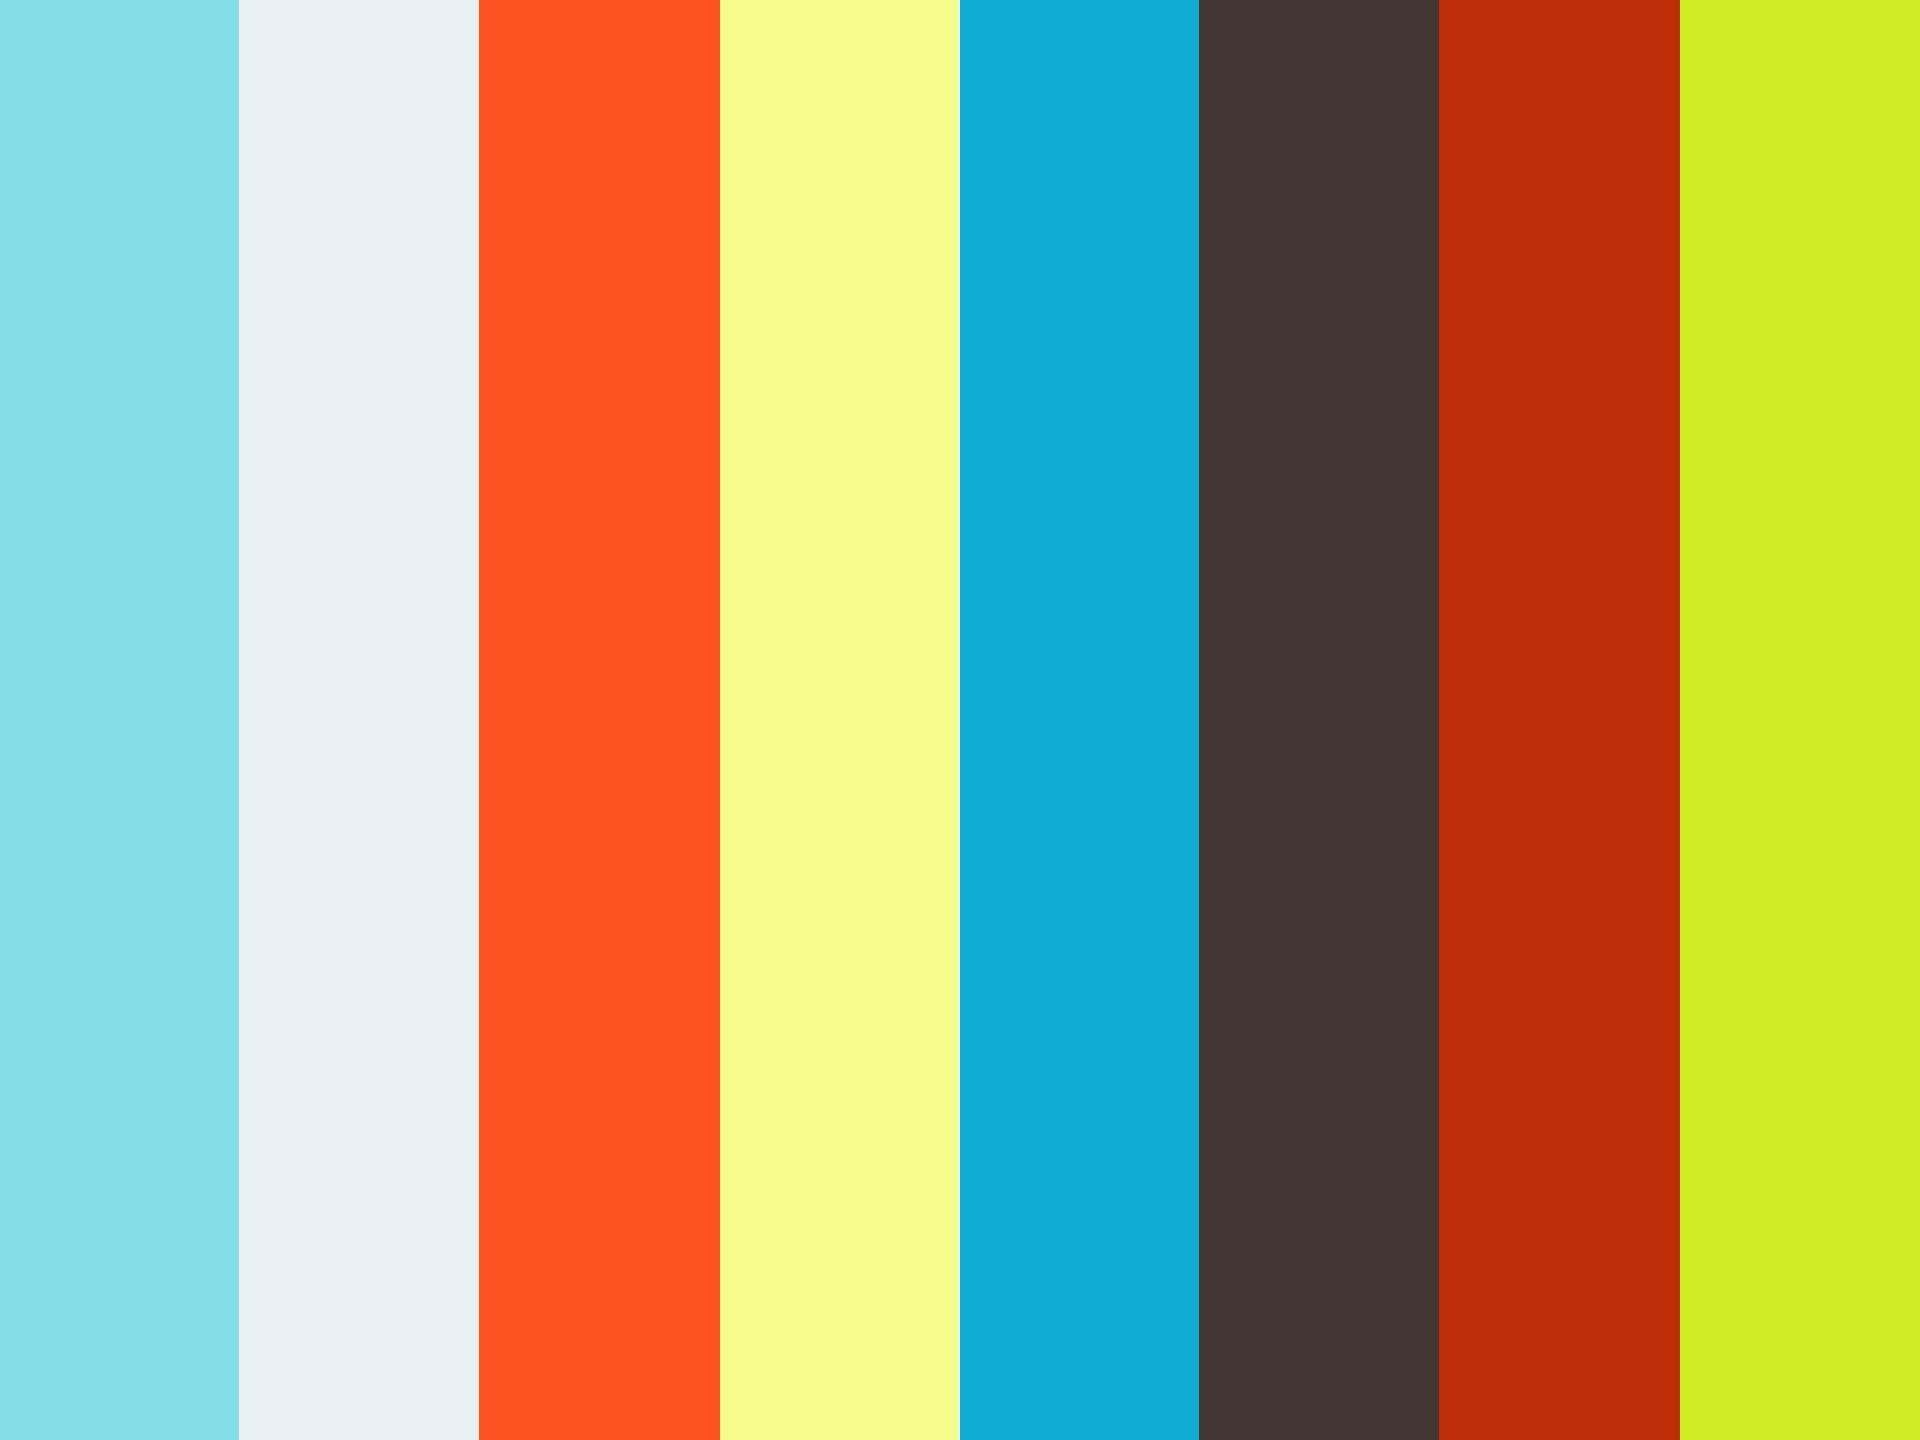 Μένω σπίτι και μαθαίνω | Δημοτική | Ελληνικά (Δημιουργικό διάβασμα - Δημιουργικό γράψιμο) 5/5/20 Επ. 22